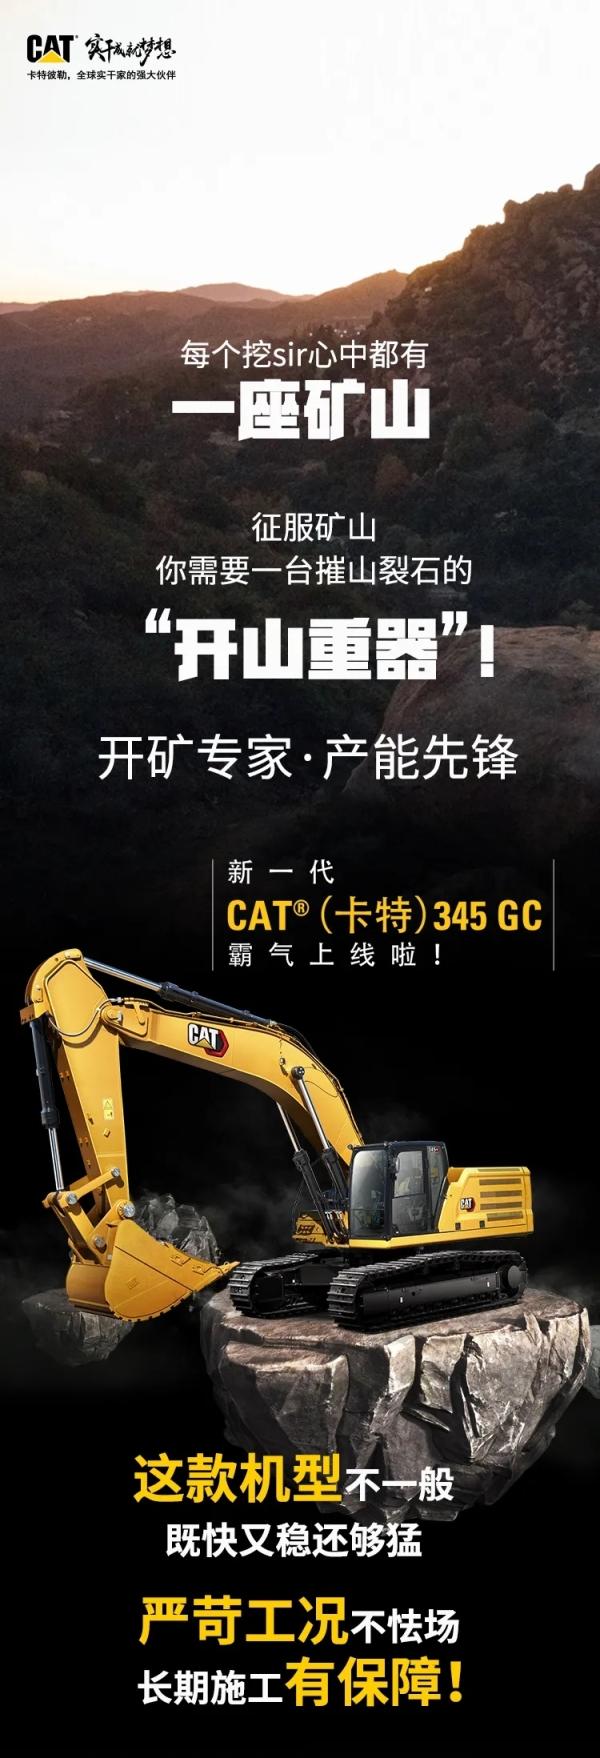 新一代<a href=http://product.d1cm.com/brand/caterpillar/ target=_blank>CAT</a>®(卡特)345 GC闯关来见!